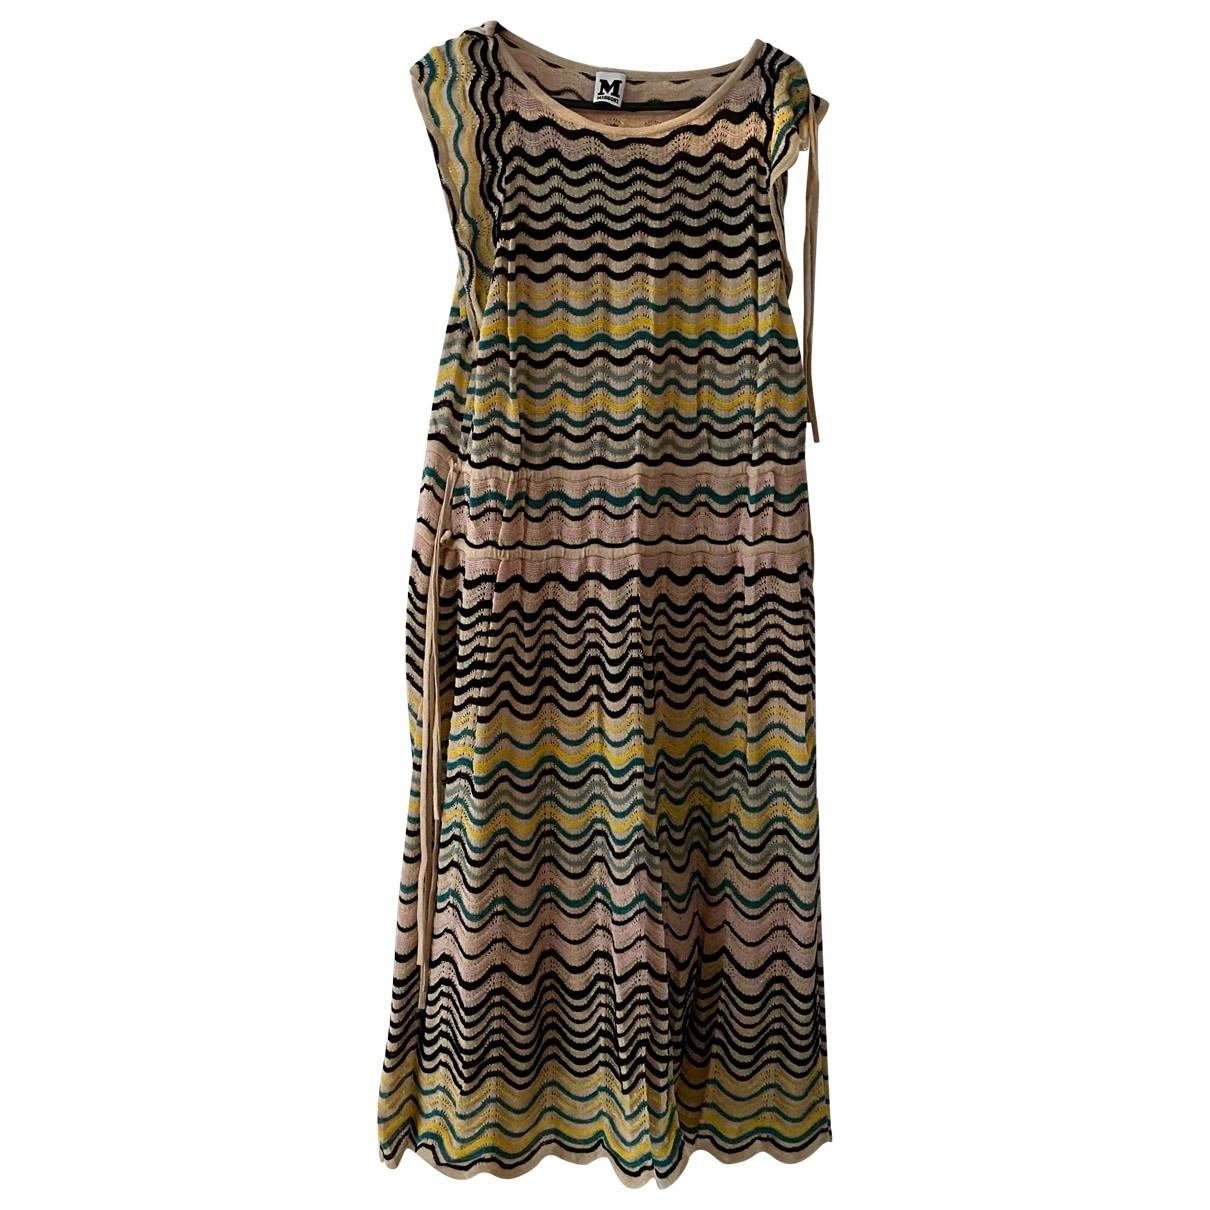 M Missoni \N Multicolour Cotton dress for Women 46 IT